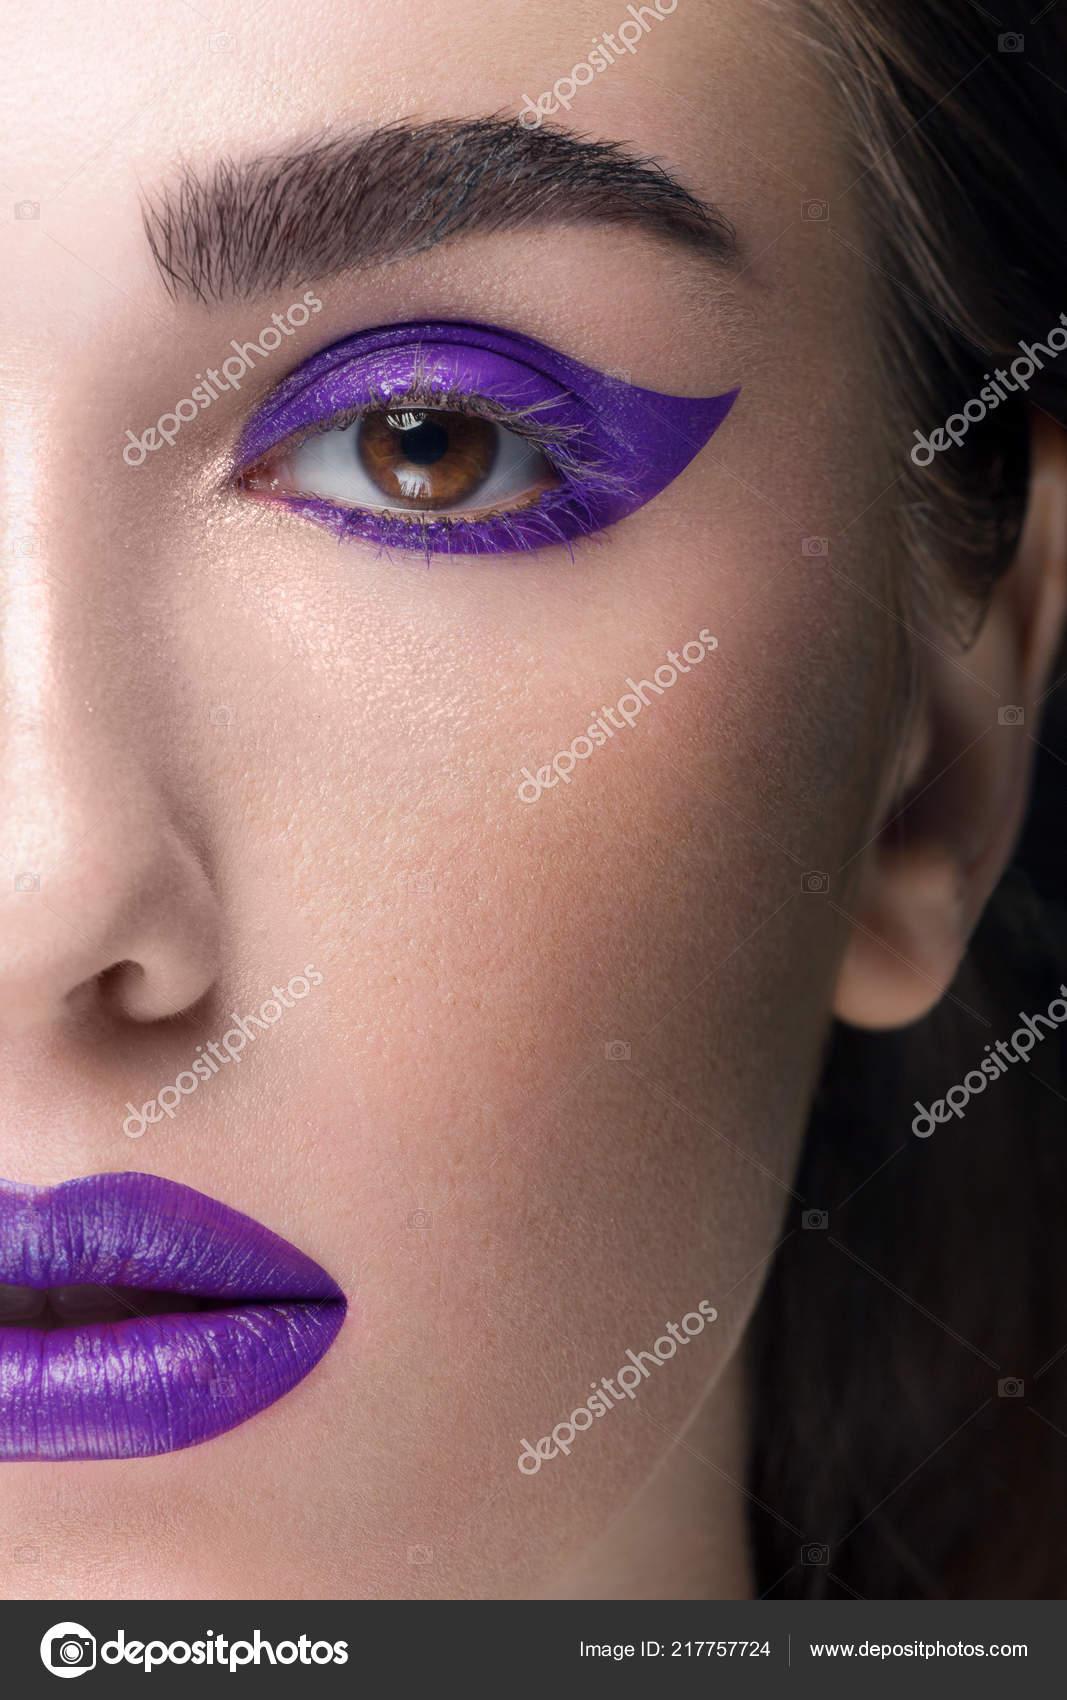 a4da5a057035 Κοντινό πλάνο την ομορφιά μιας γυναίκας με μοντέρνα ΜΑΚΙΓΙΑΖ. Λιλά χρώμα  shooter και κραγιόν για τα χείλη σε τόνο. Καλλυντικών